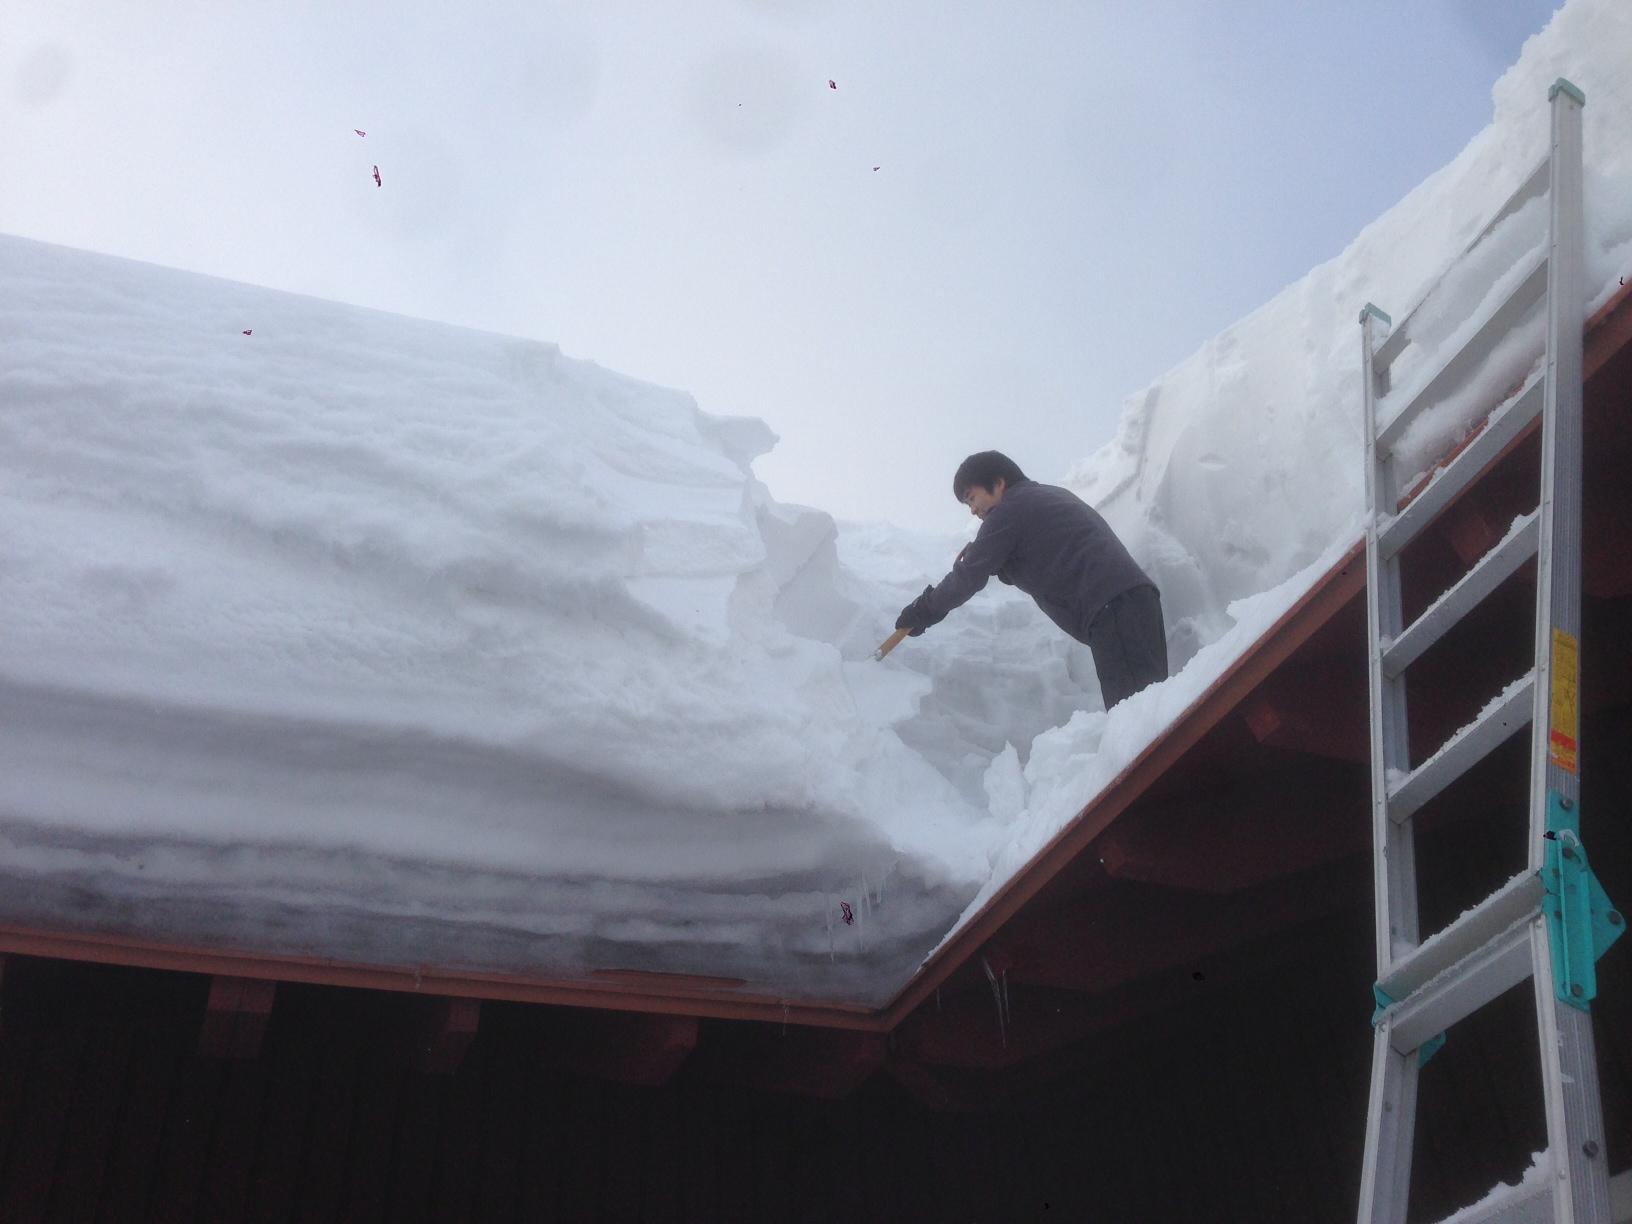 恒例の雪下ろし、やりました!